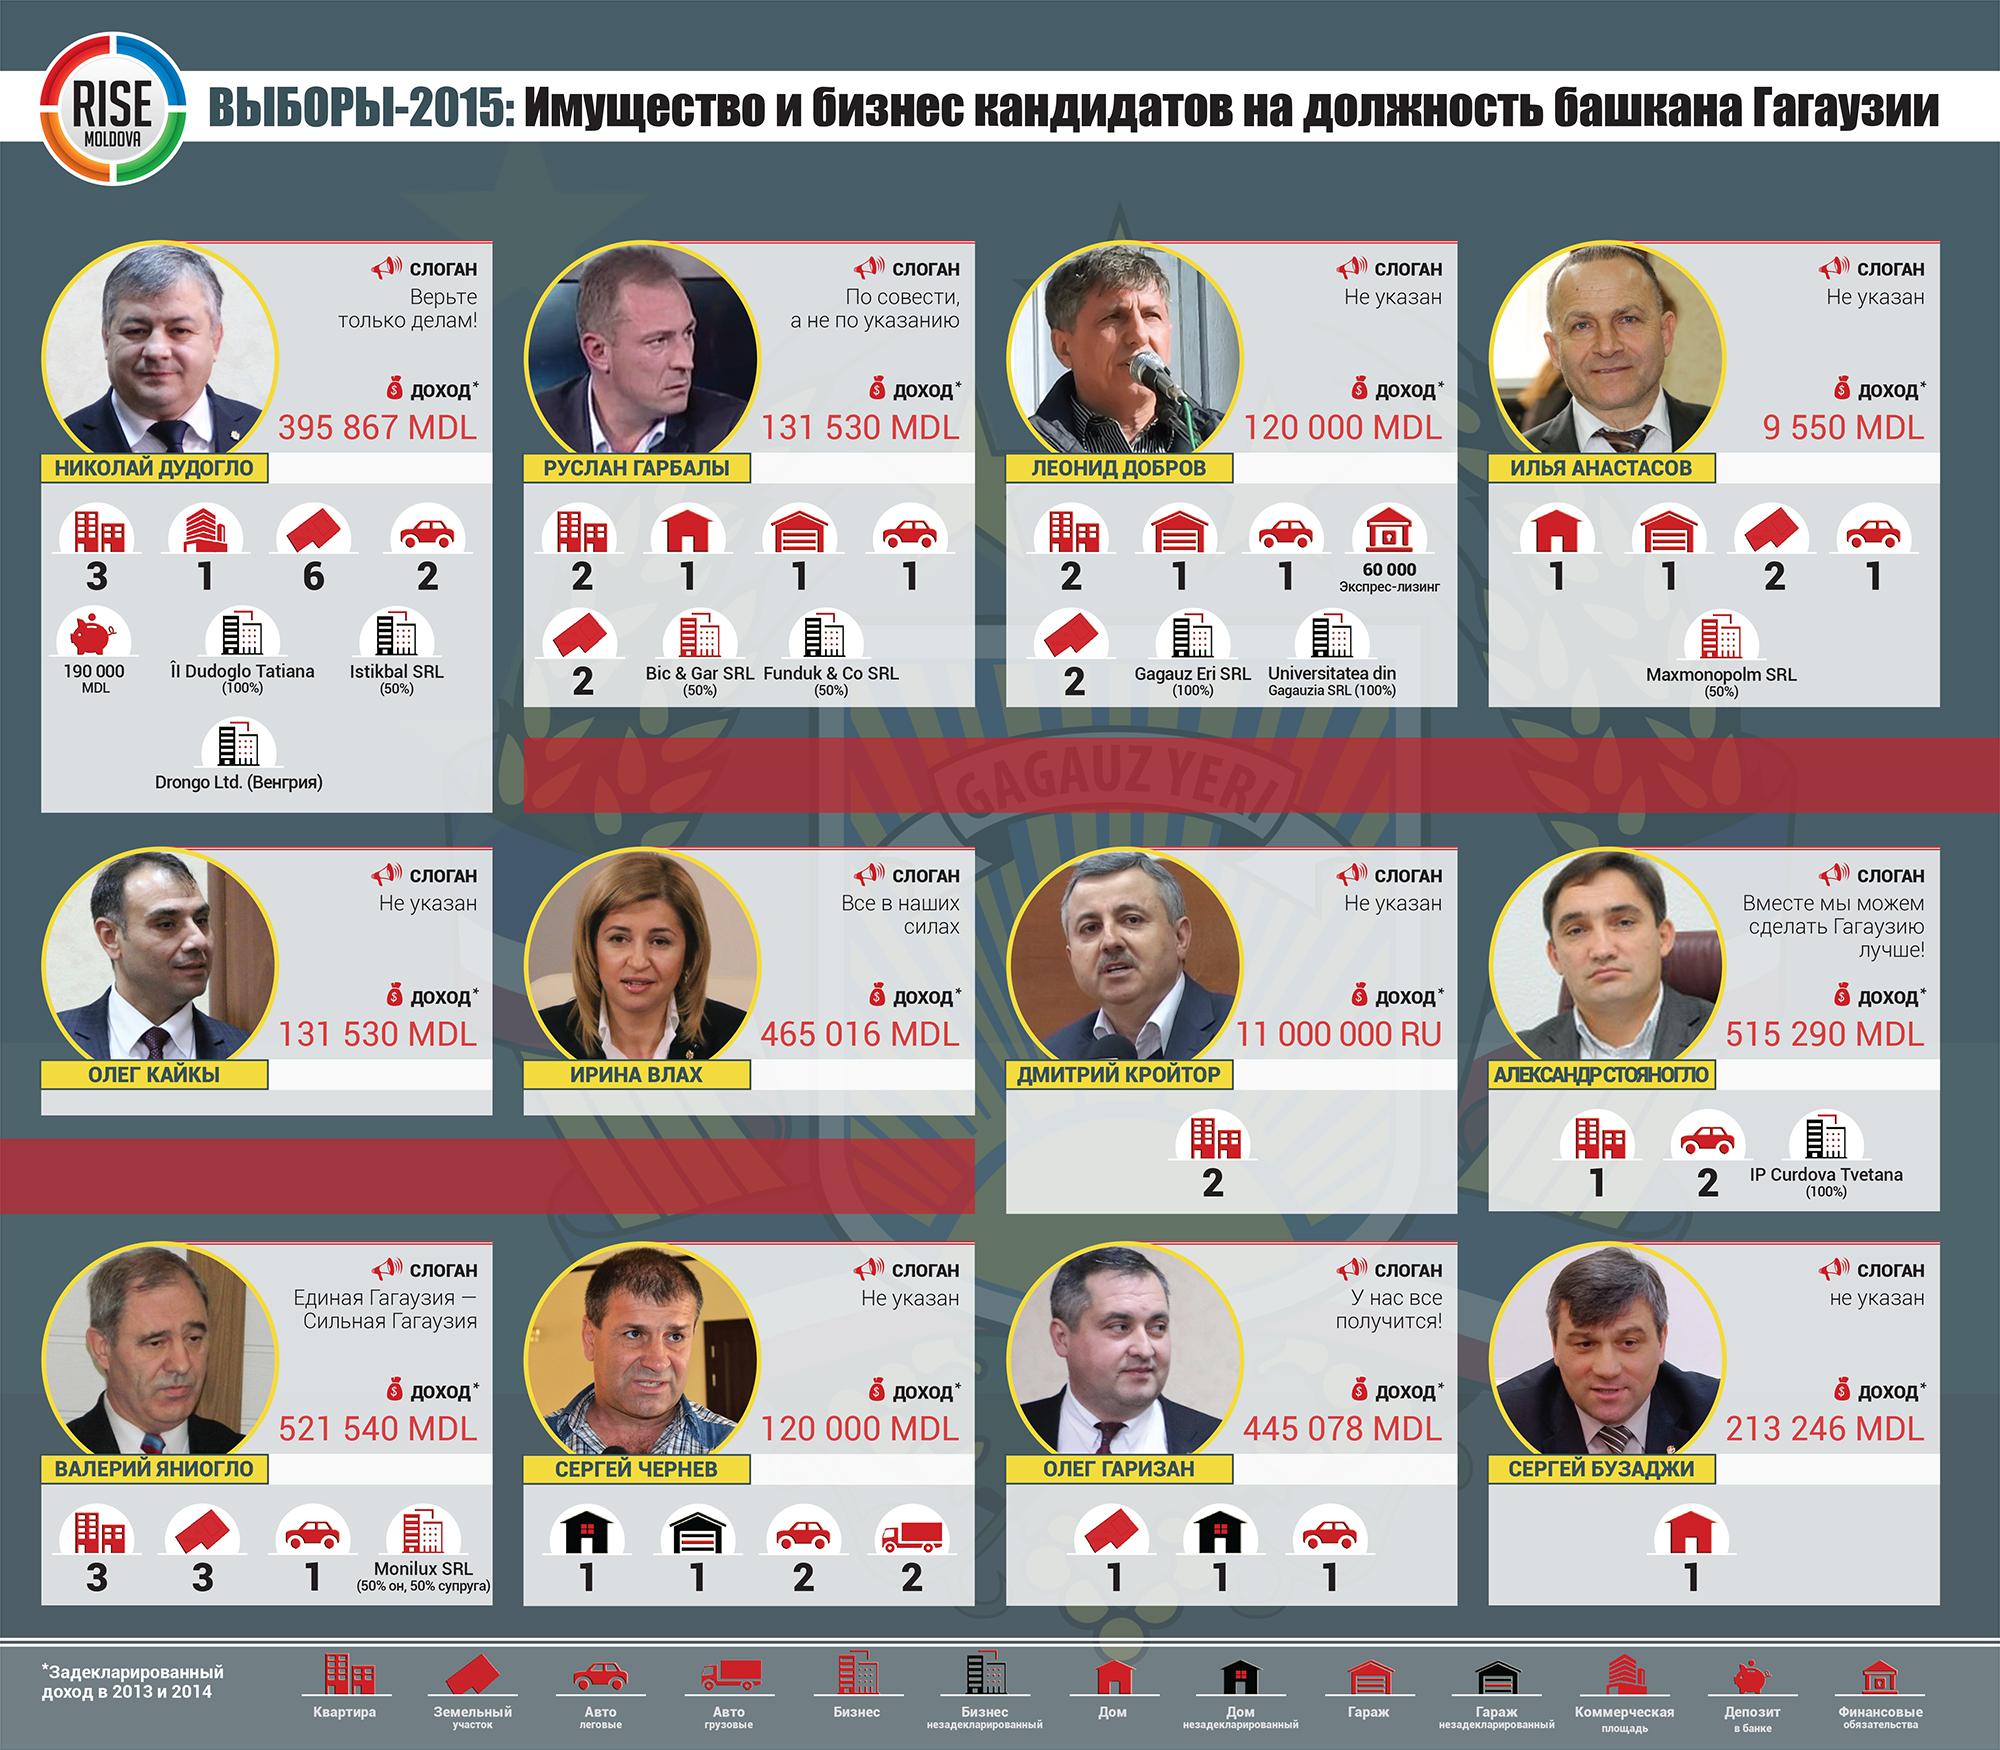 Grafic Gagauz FINAL ru